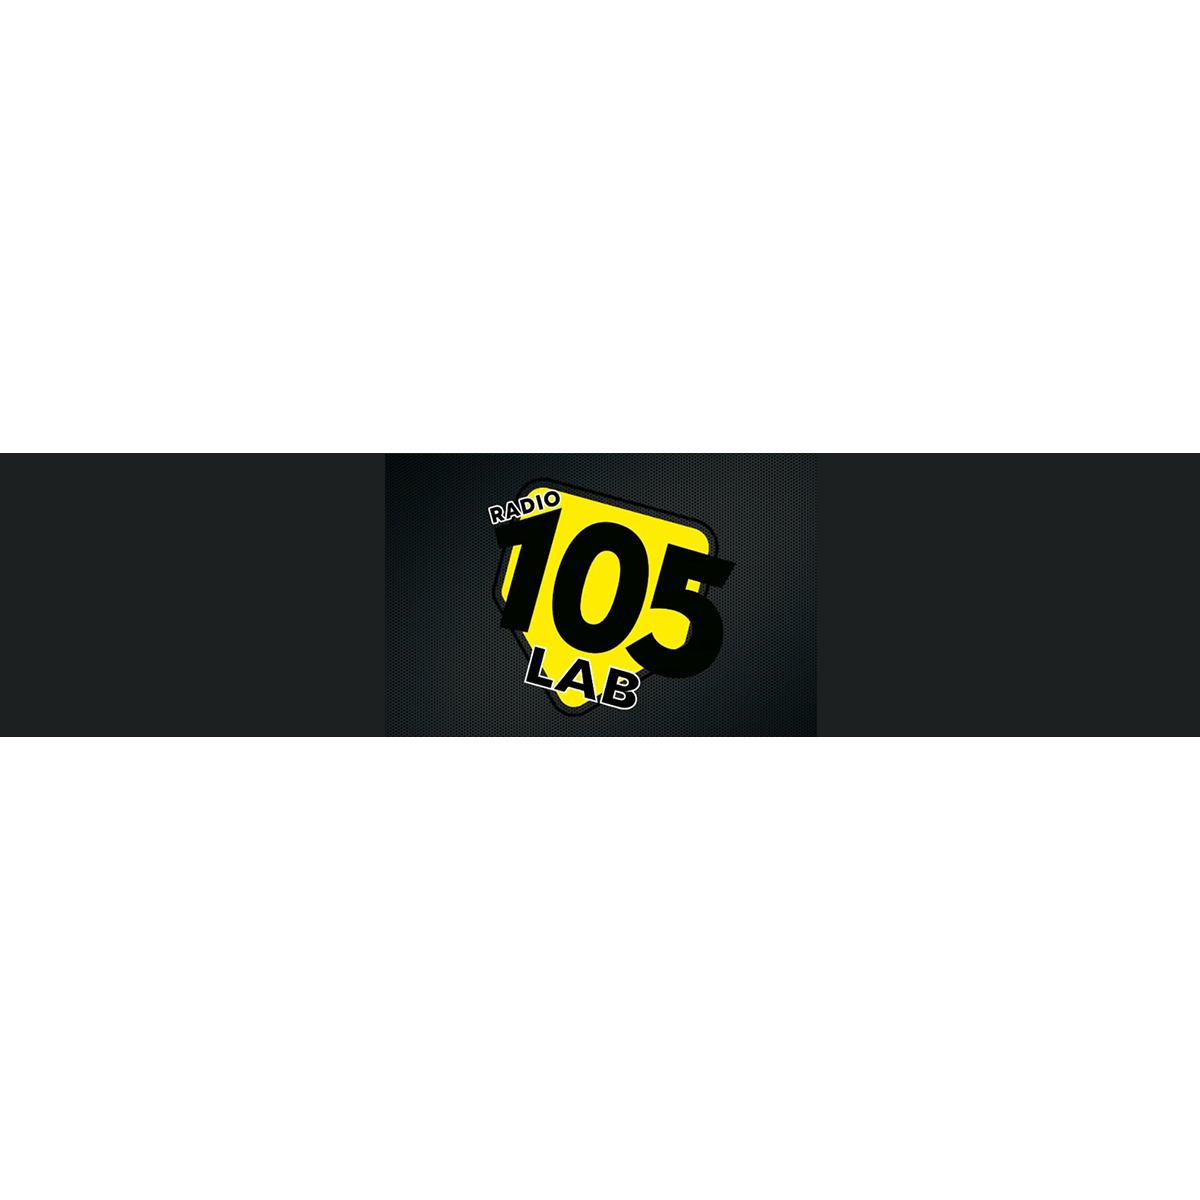 IL TURNOVER NEL SETTORE RADIOFONICO, BENVENUTA 105LAB